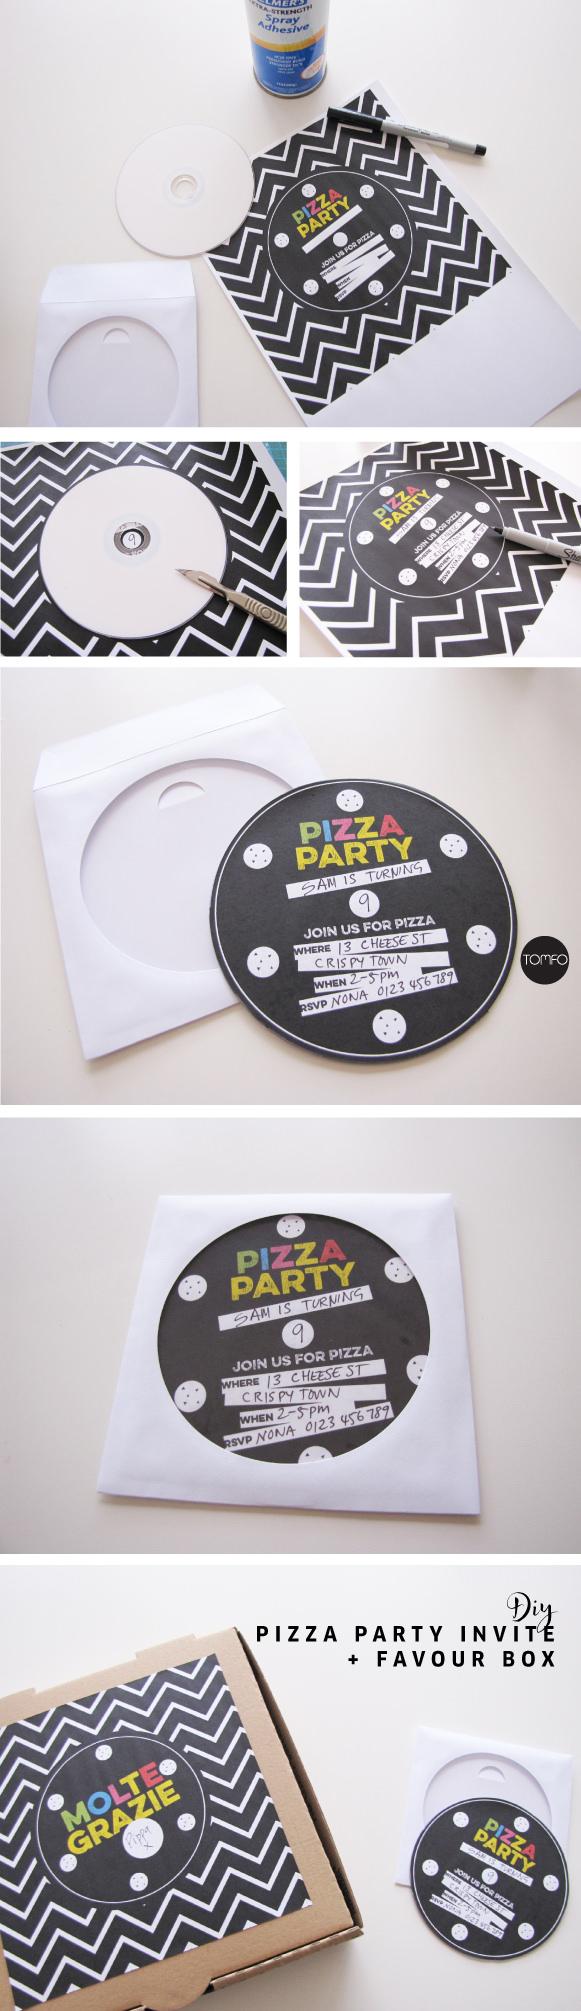 TOMFO-PIZZA-PARTYINVITEIDEAS4